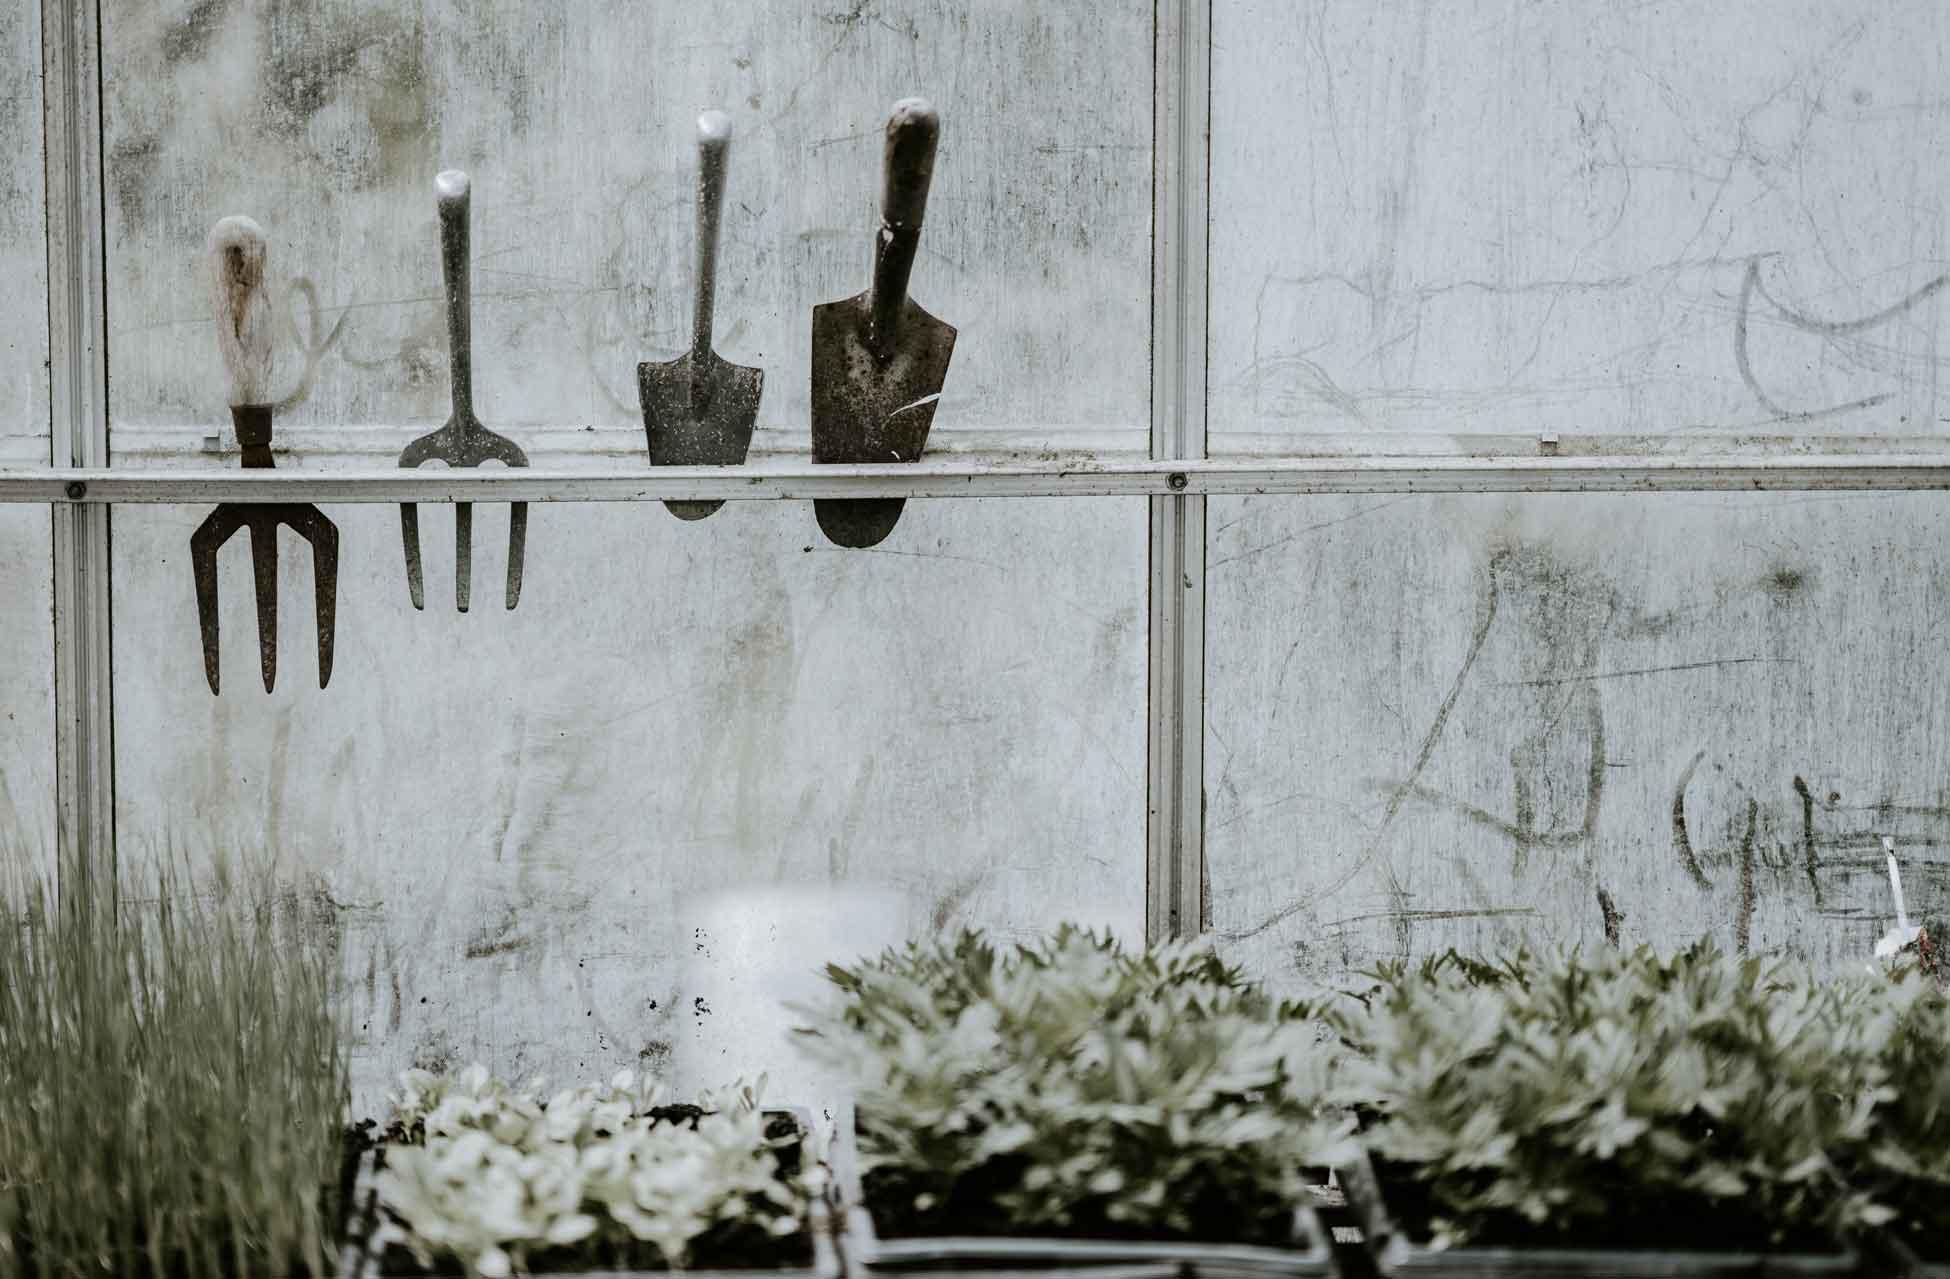 Gartengeräte aufgehängt im Gewächshaus